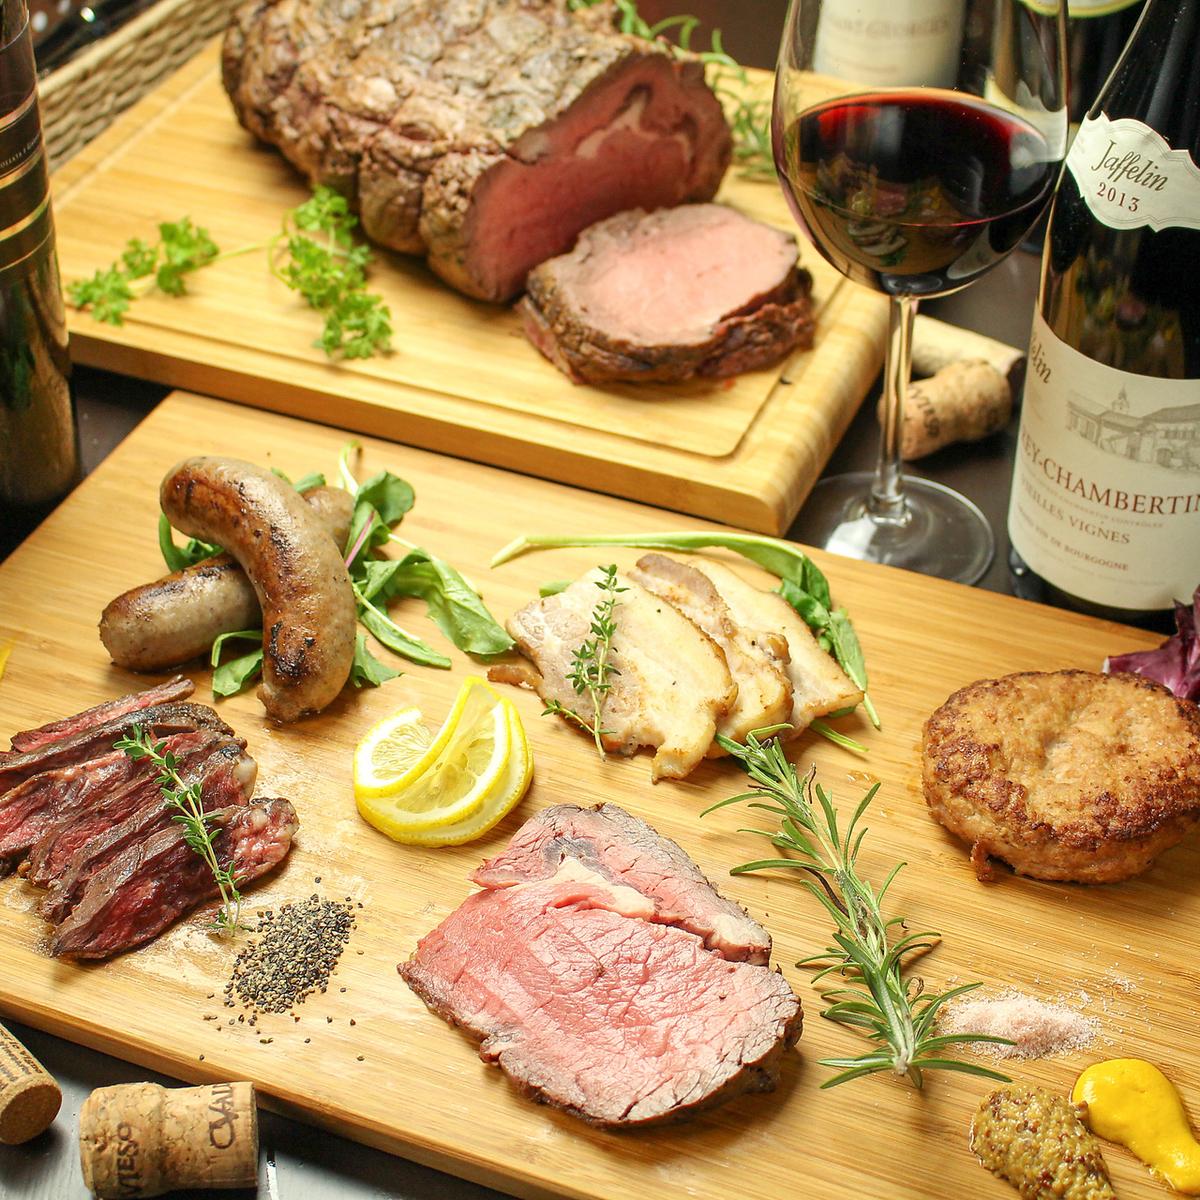 【하치 오지 은신처 비스트로] 요리사의 수제 고기 요리는 일품